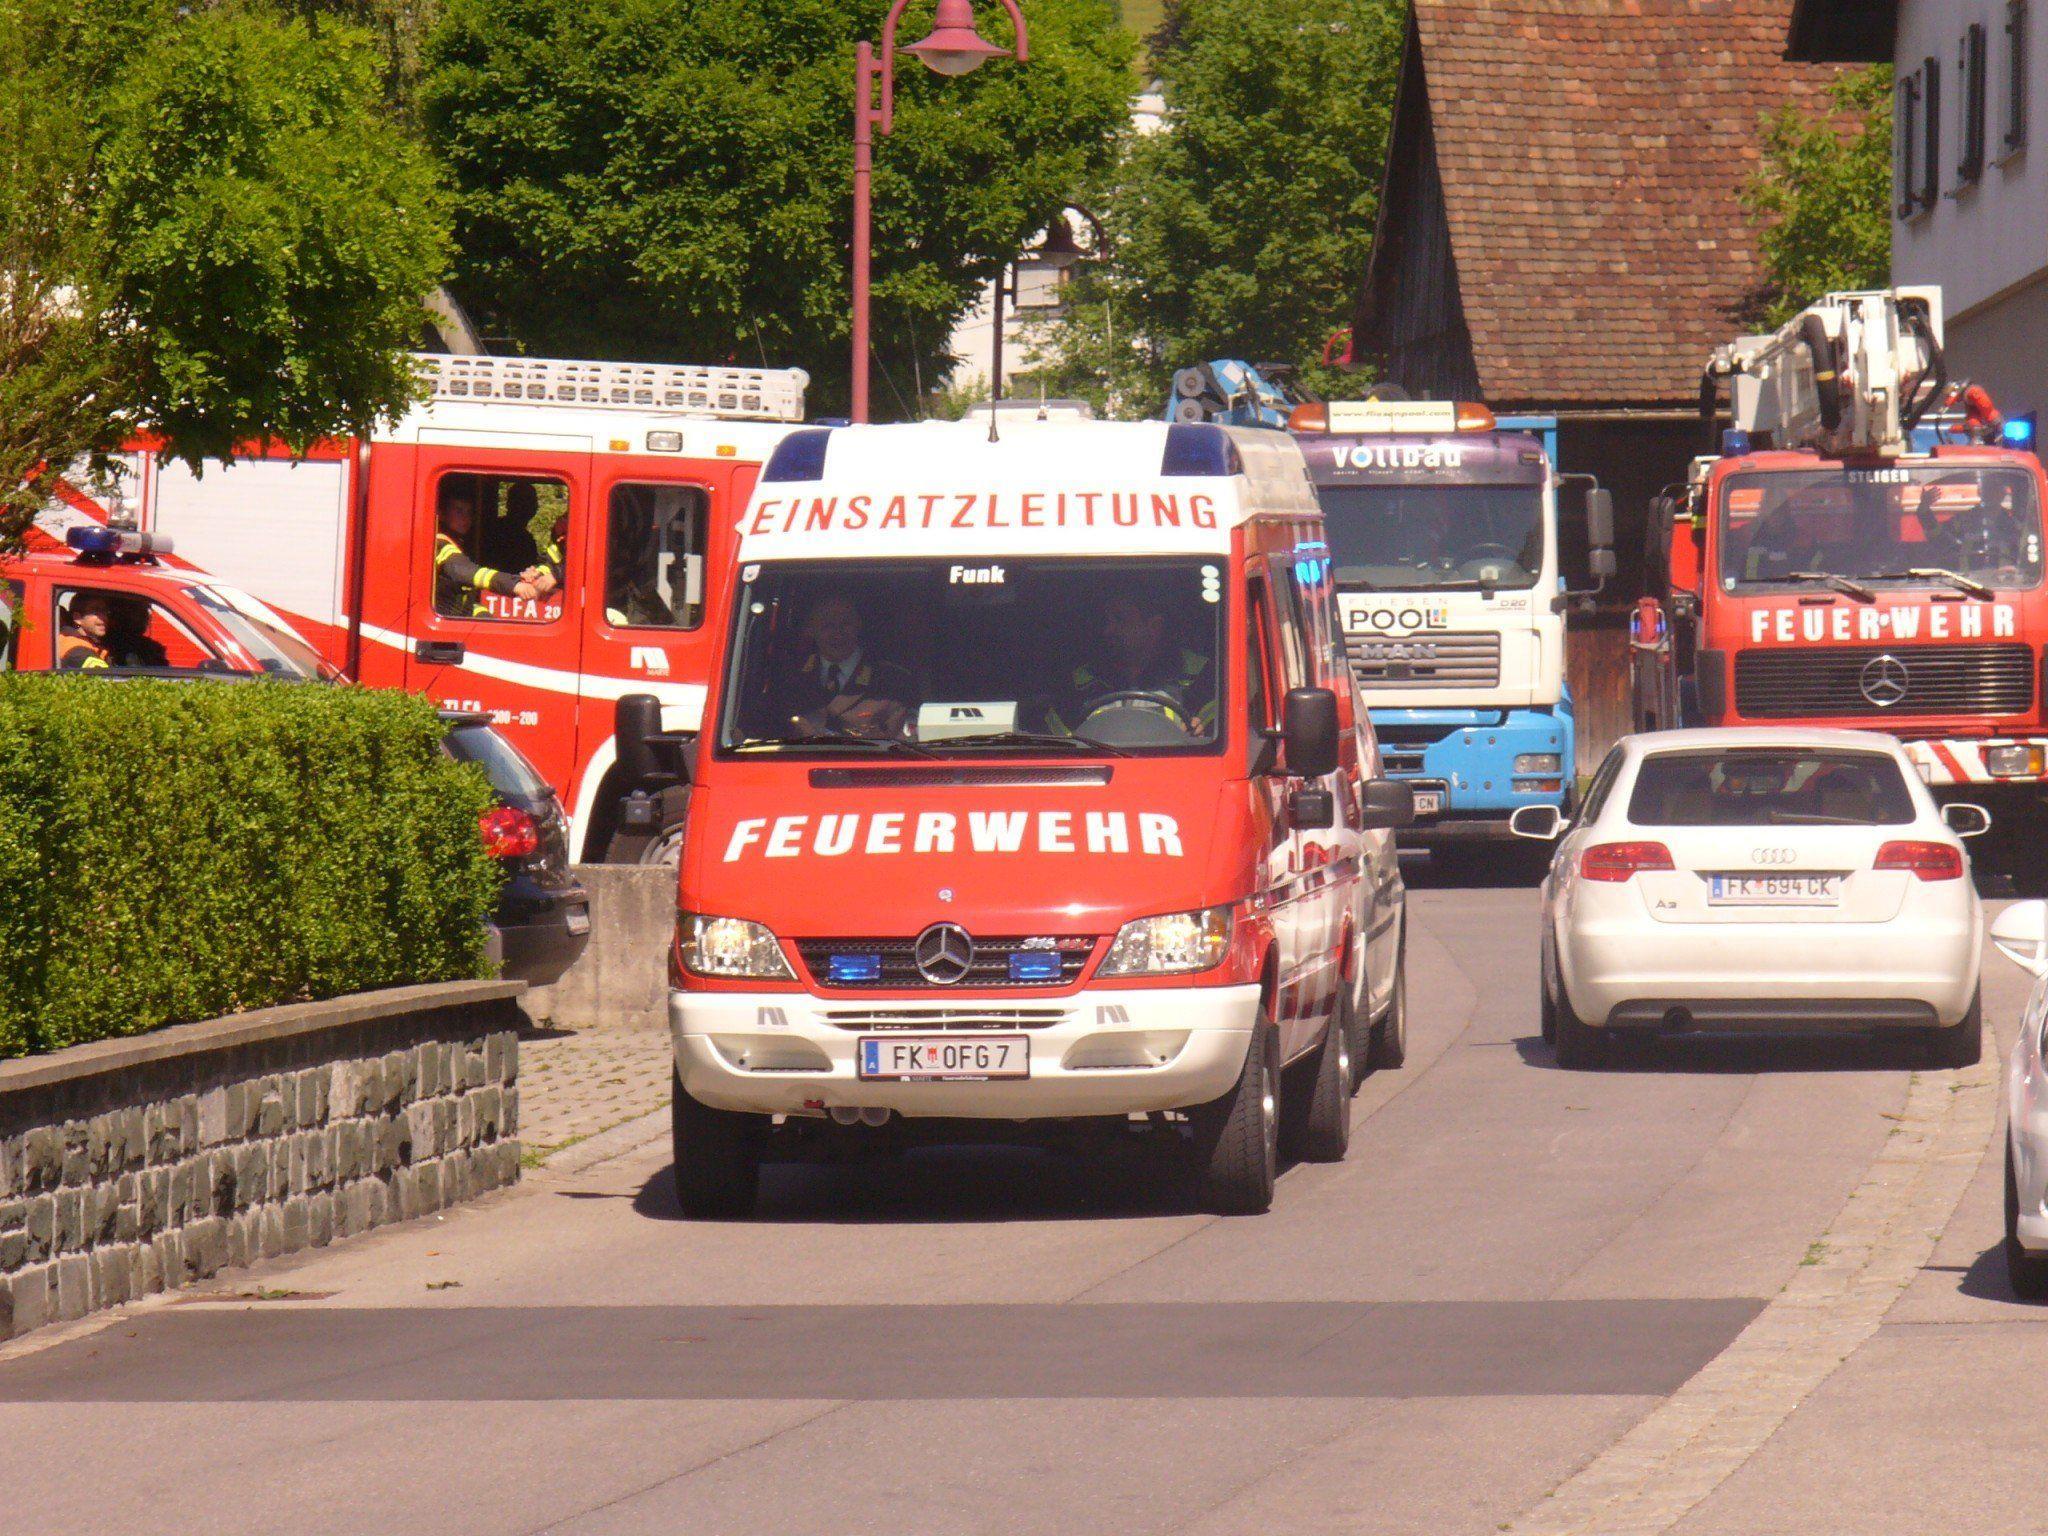 Die letzte Ausfahrt aus der Gartenstraße ging direkt ins neue Feuerwehrhaus im Moos